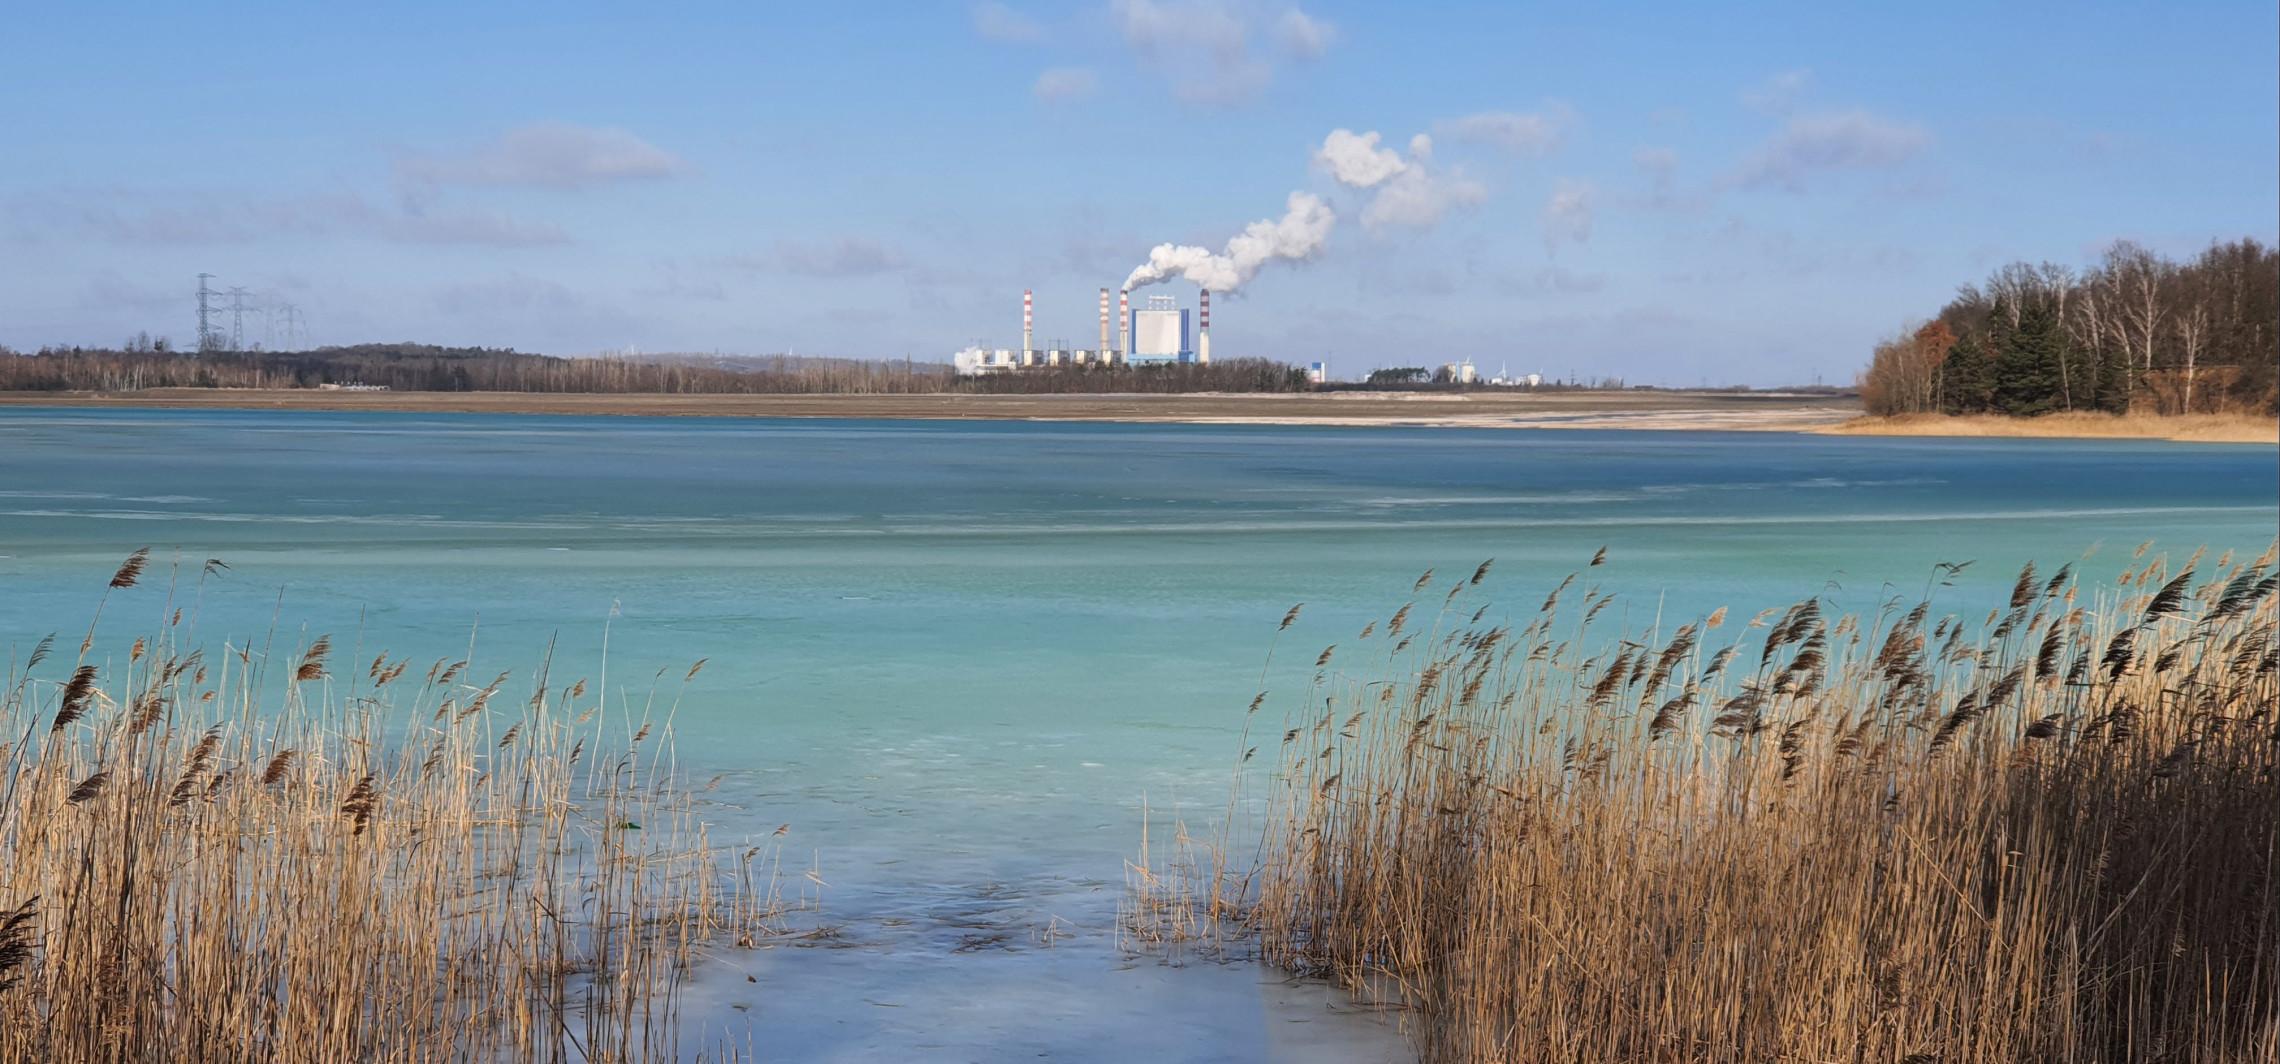 Inowrocław - Zielona środa: turkusowe jezioro